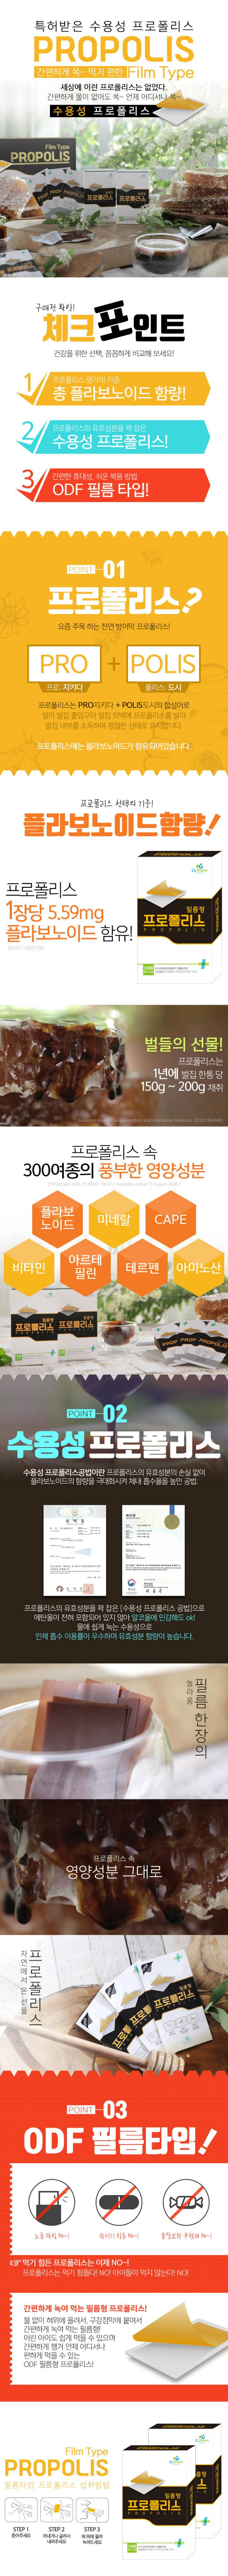 공식홈페이지_30매_01.jpg